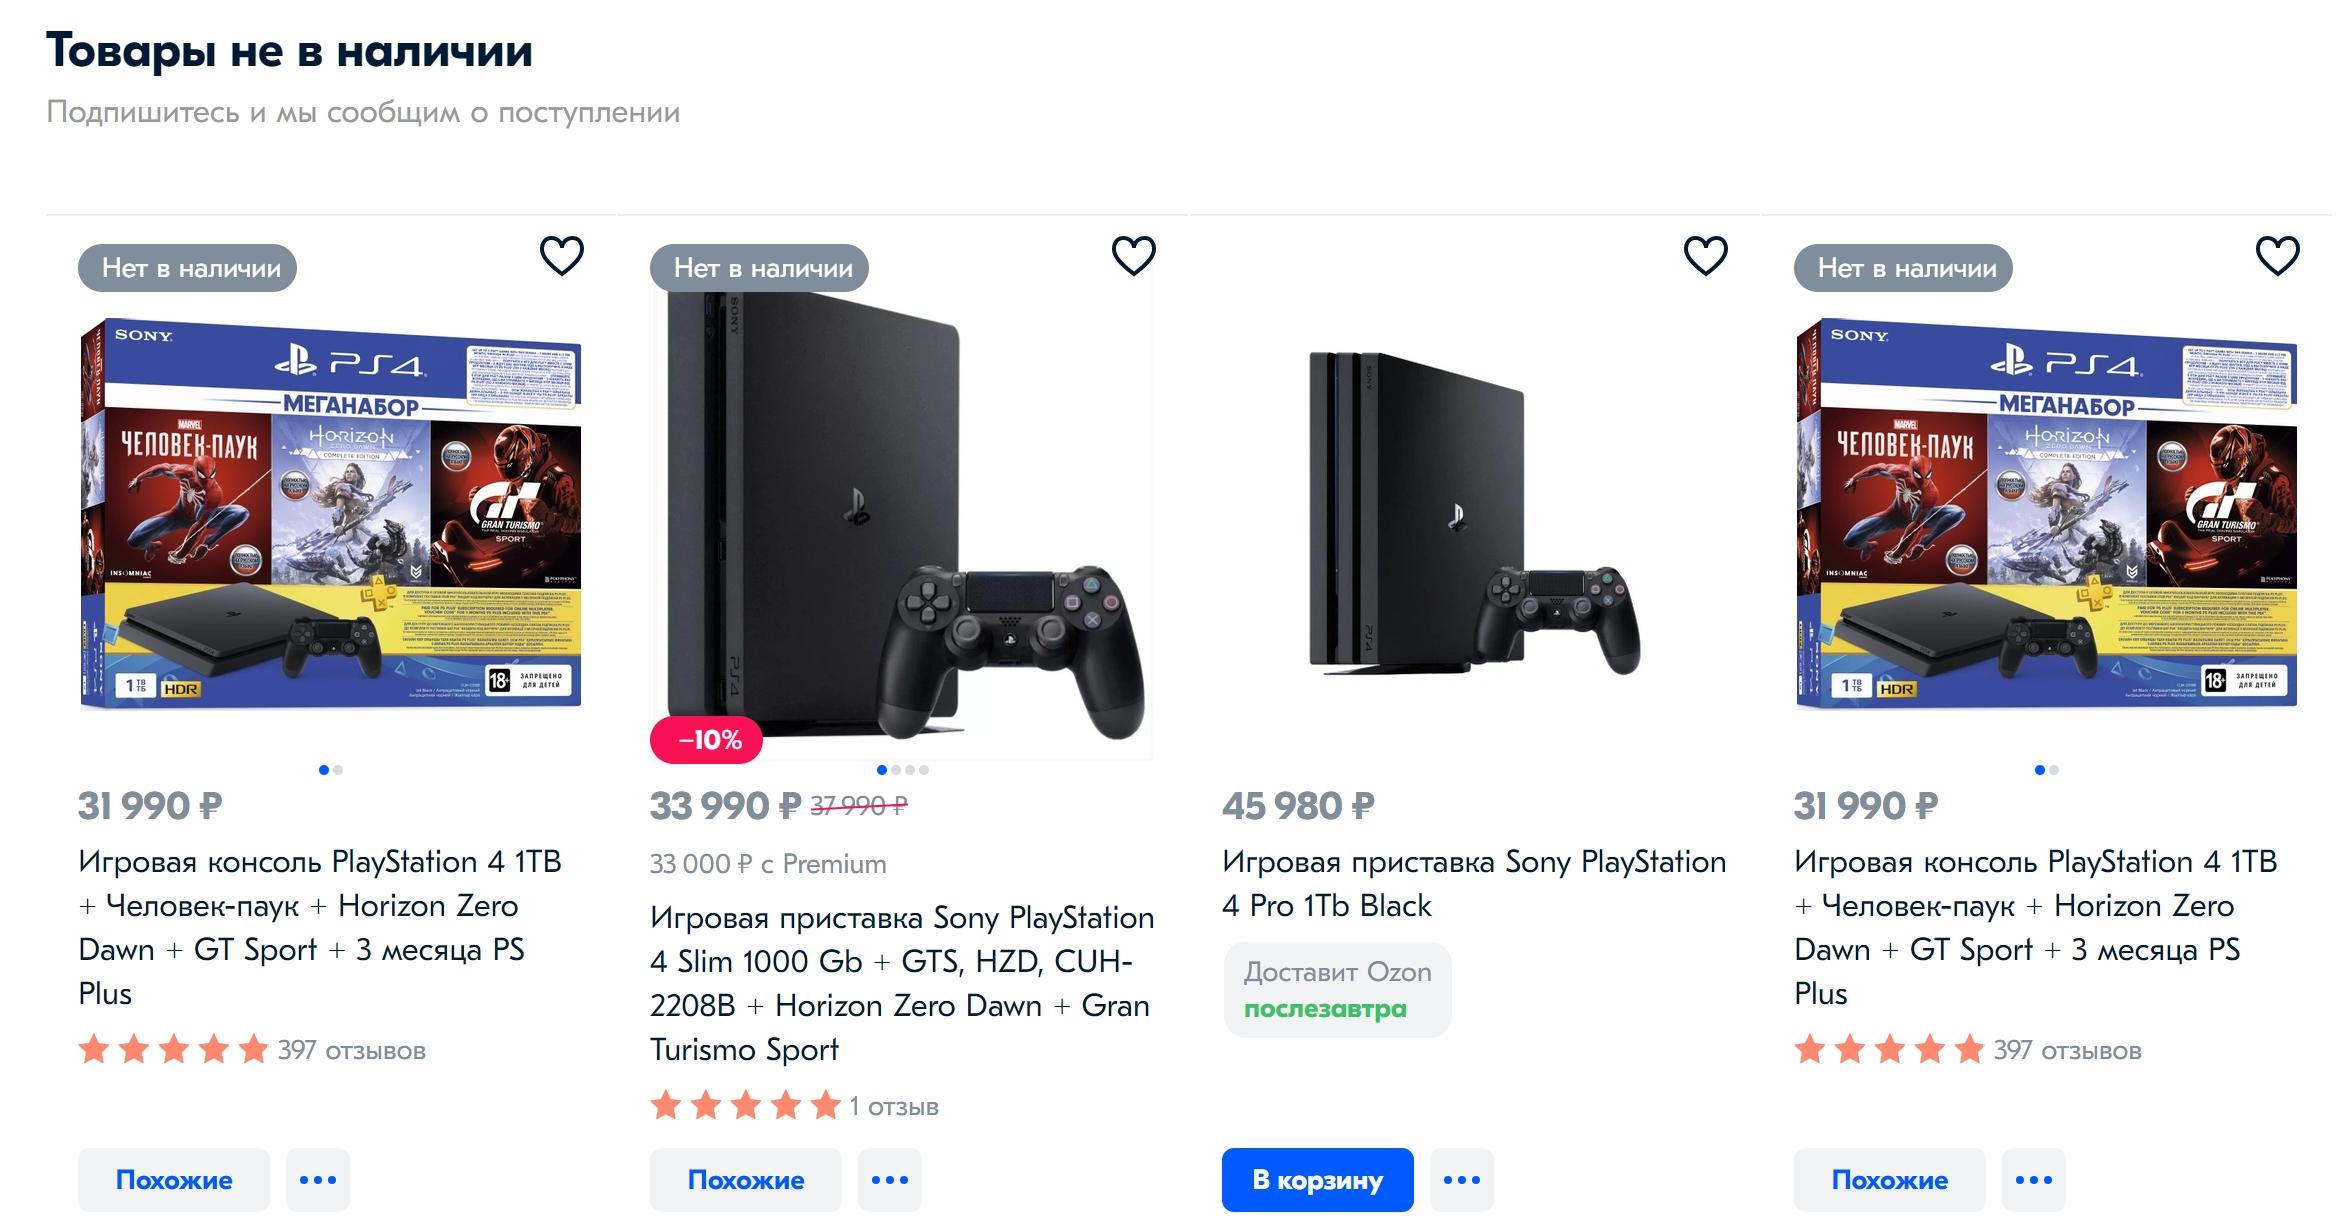 PS4 Slim и PS4 Pro пропали из продажи в розничных сетях